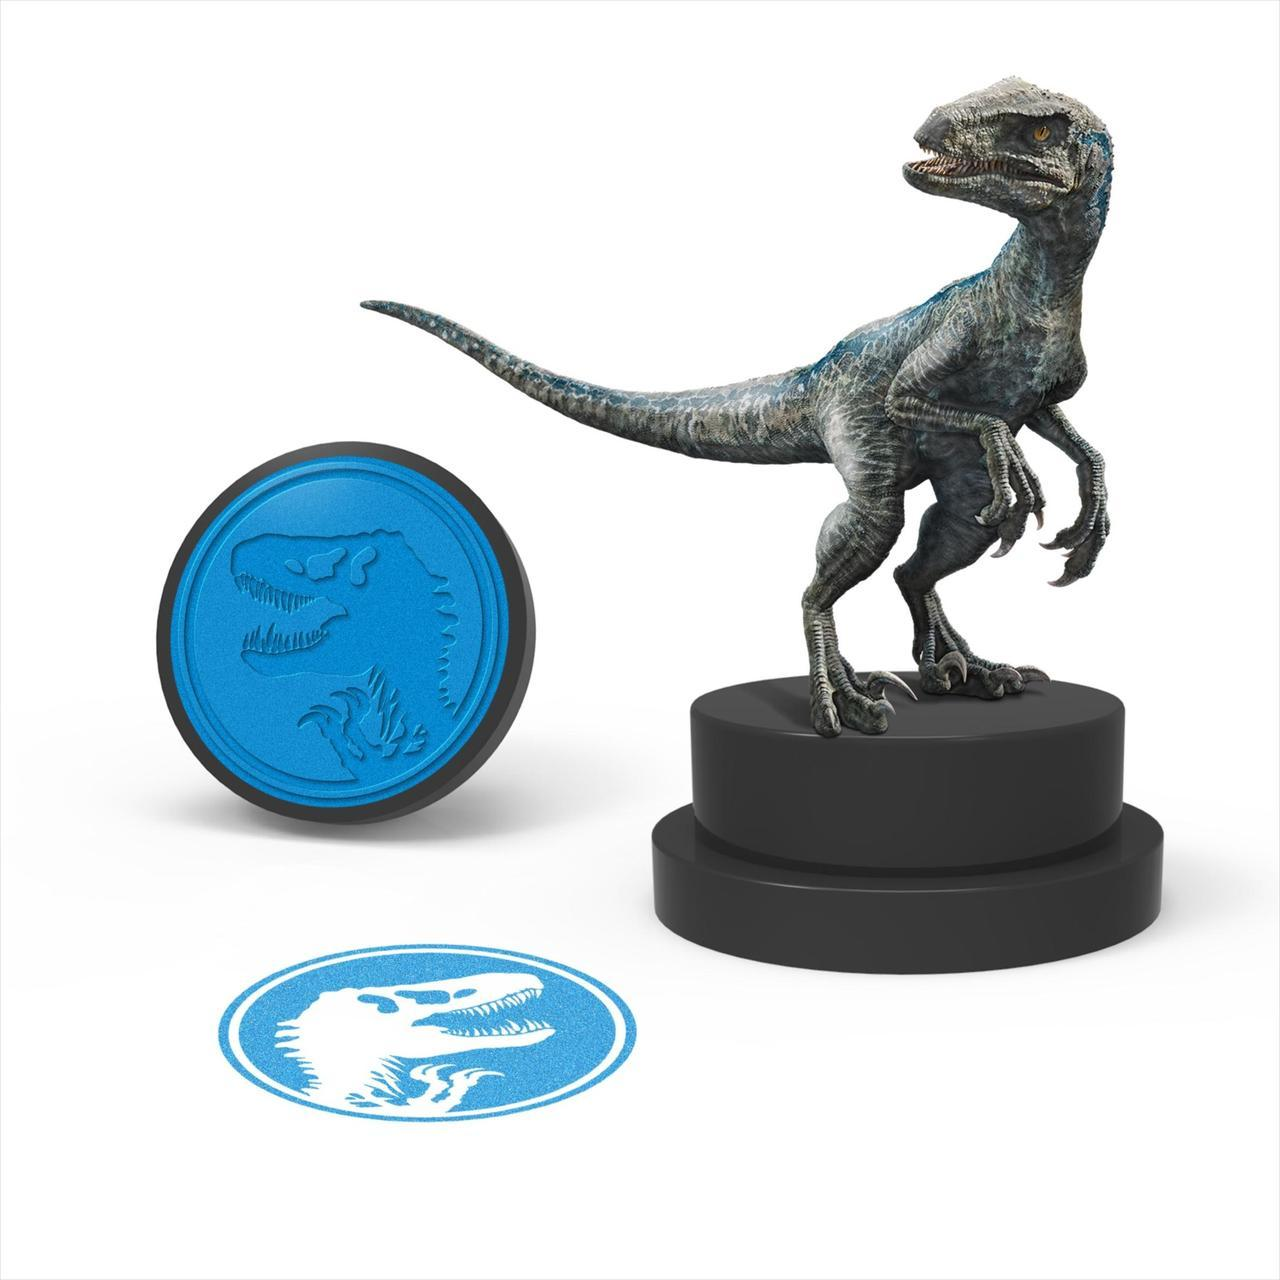 画像2: 恐竜ブルーがモチーフのオリジナルスタンプ